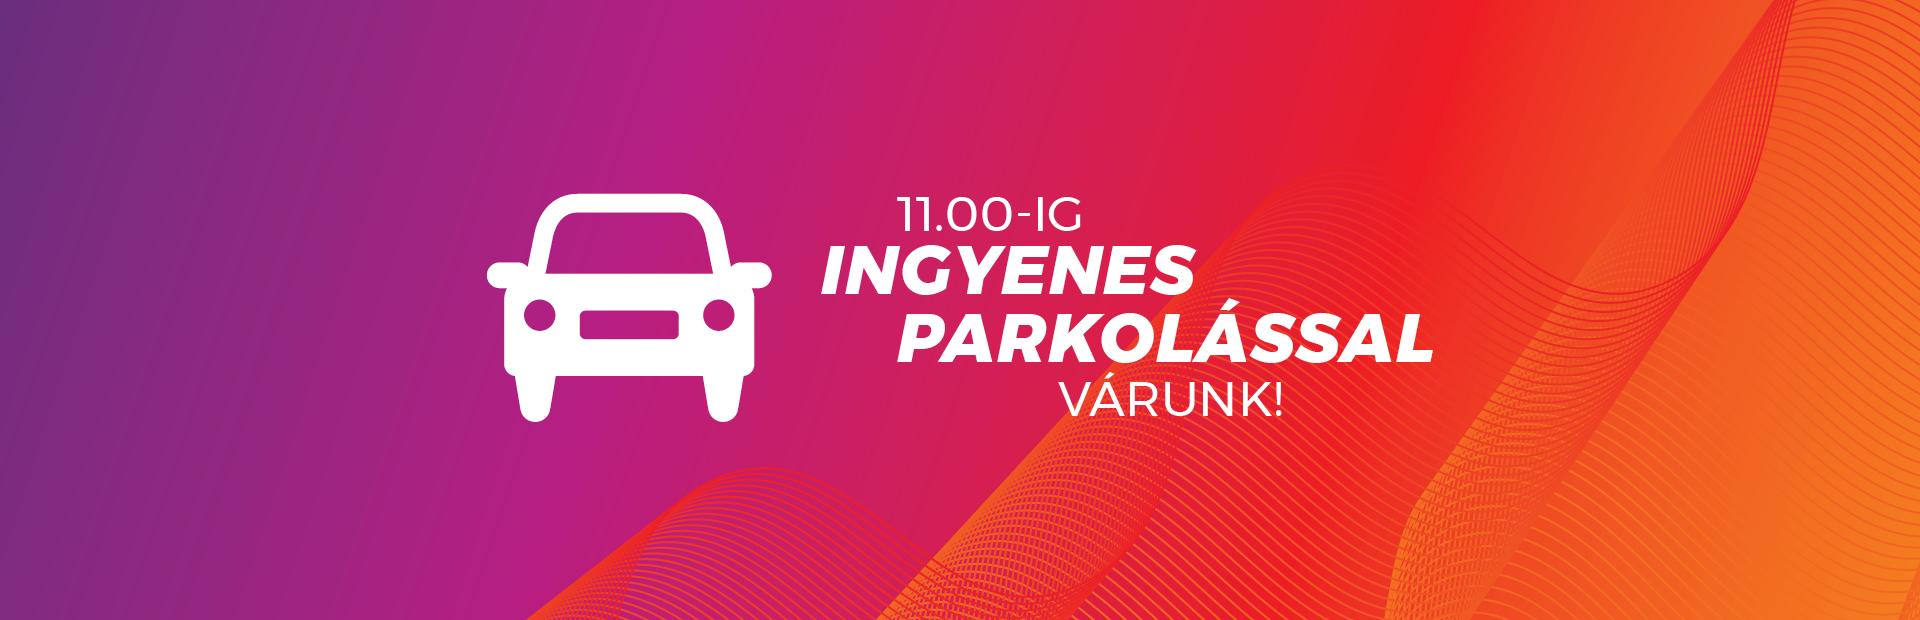 Januárban is ingyenes parkolással várunk!